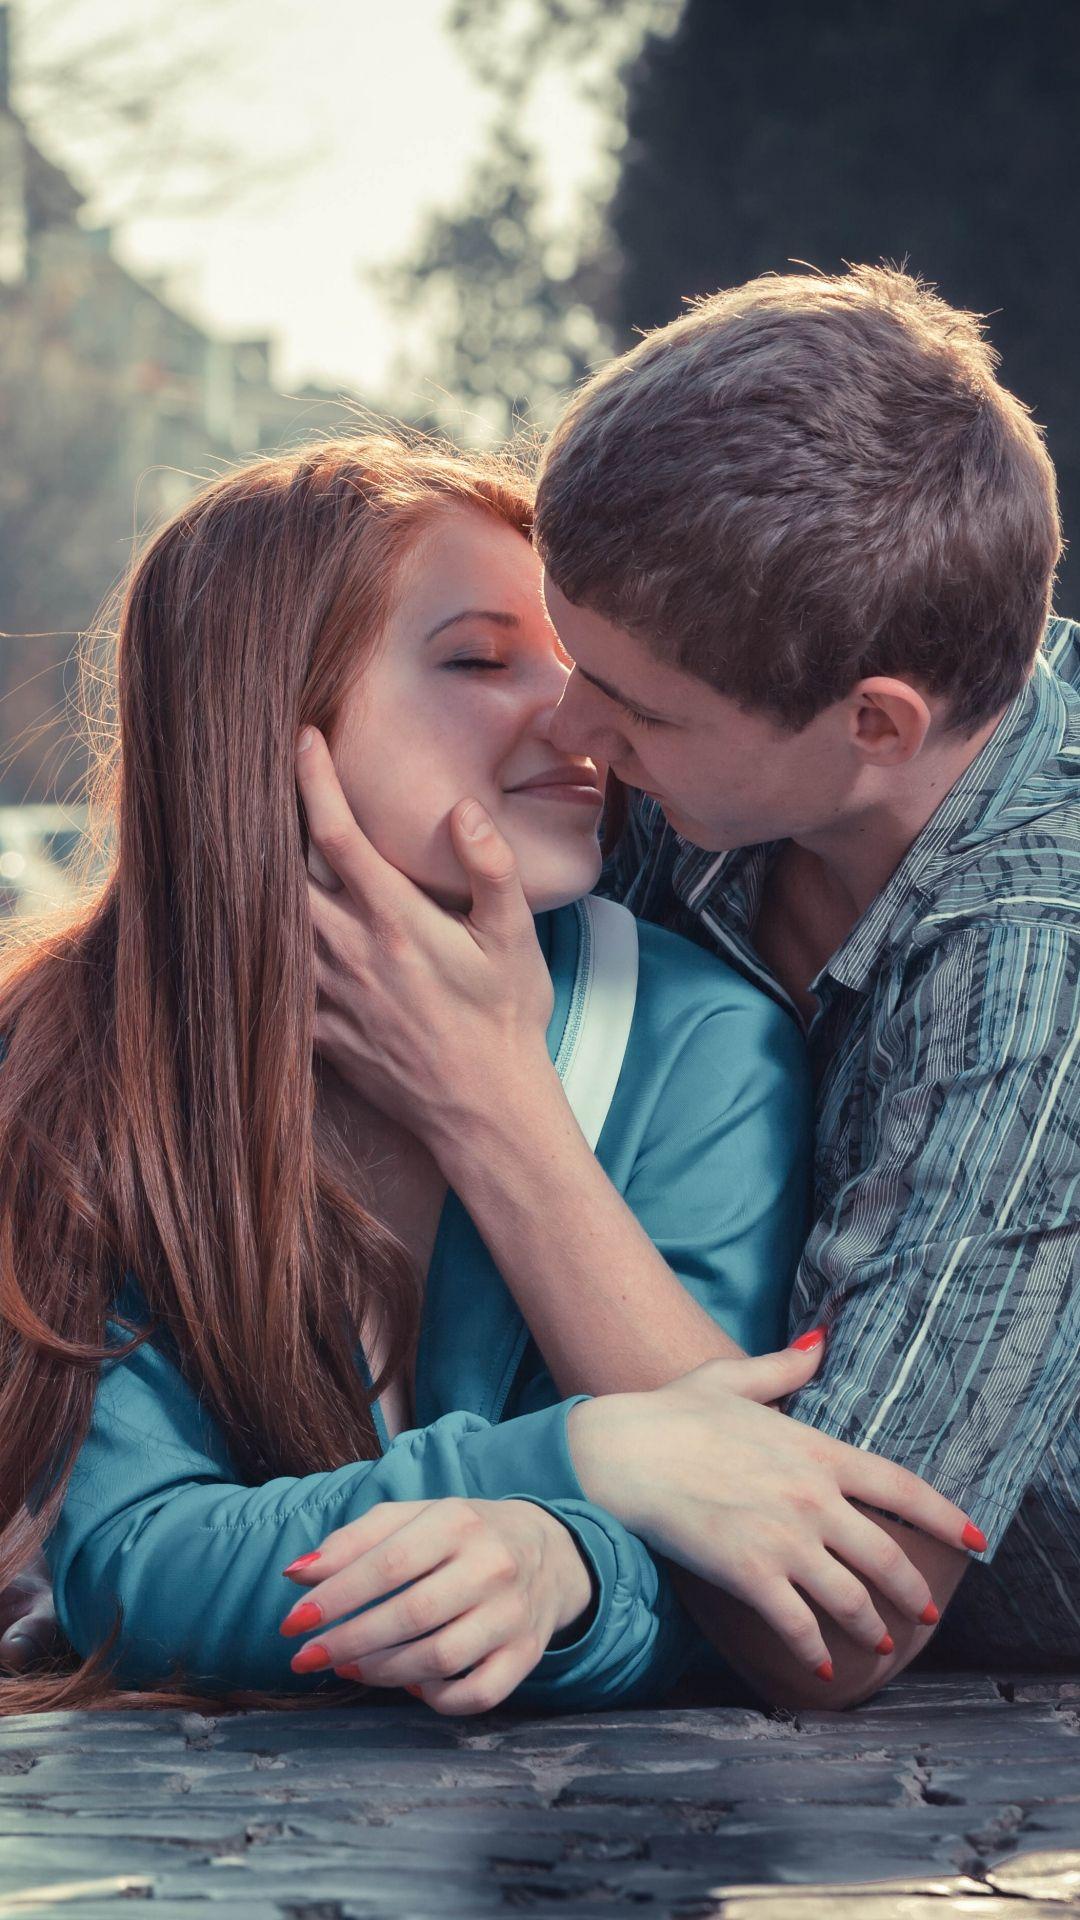 Boy Girl Kiss Wallpapers Group (55+)